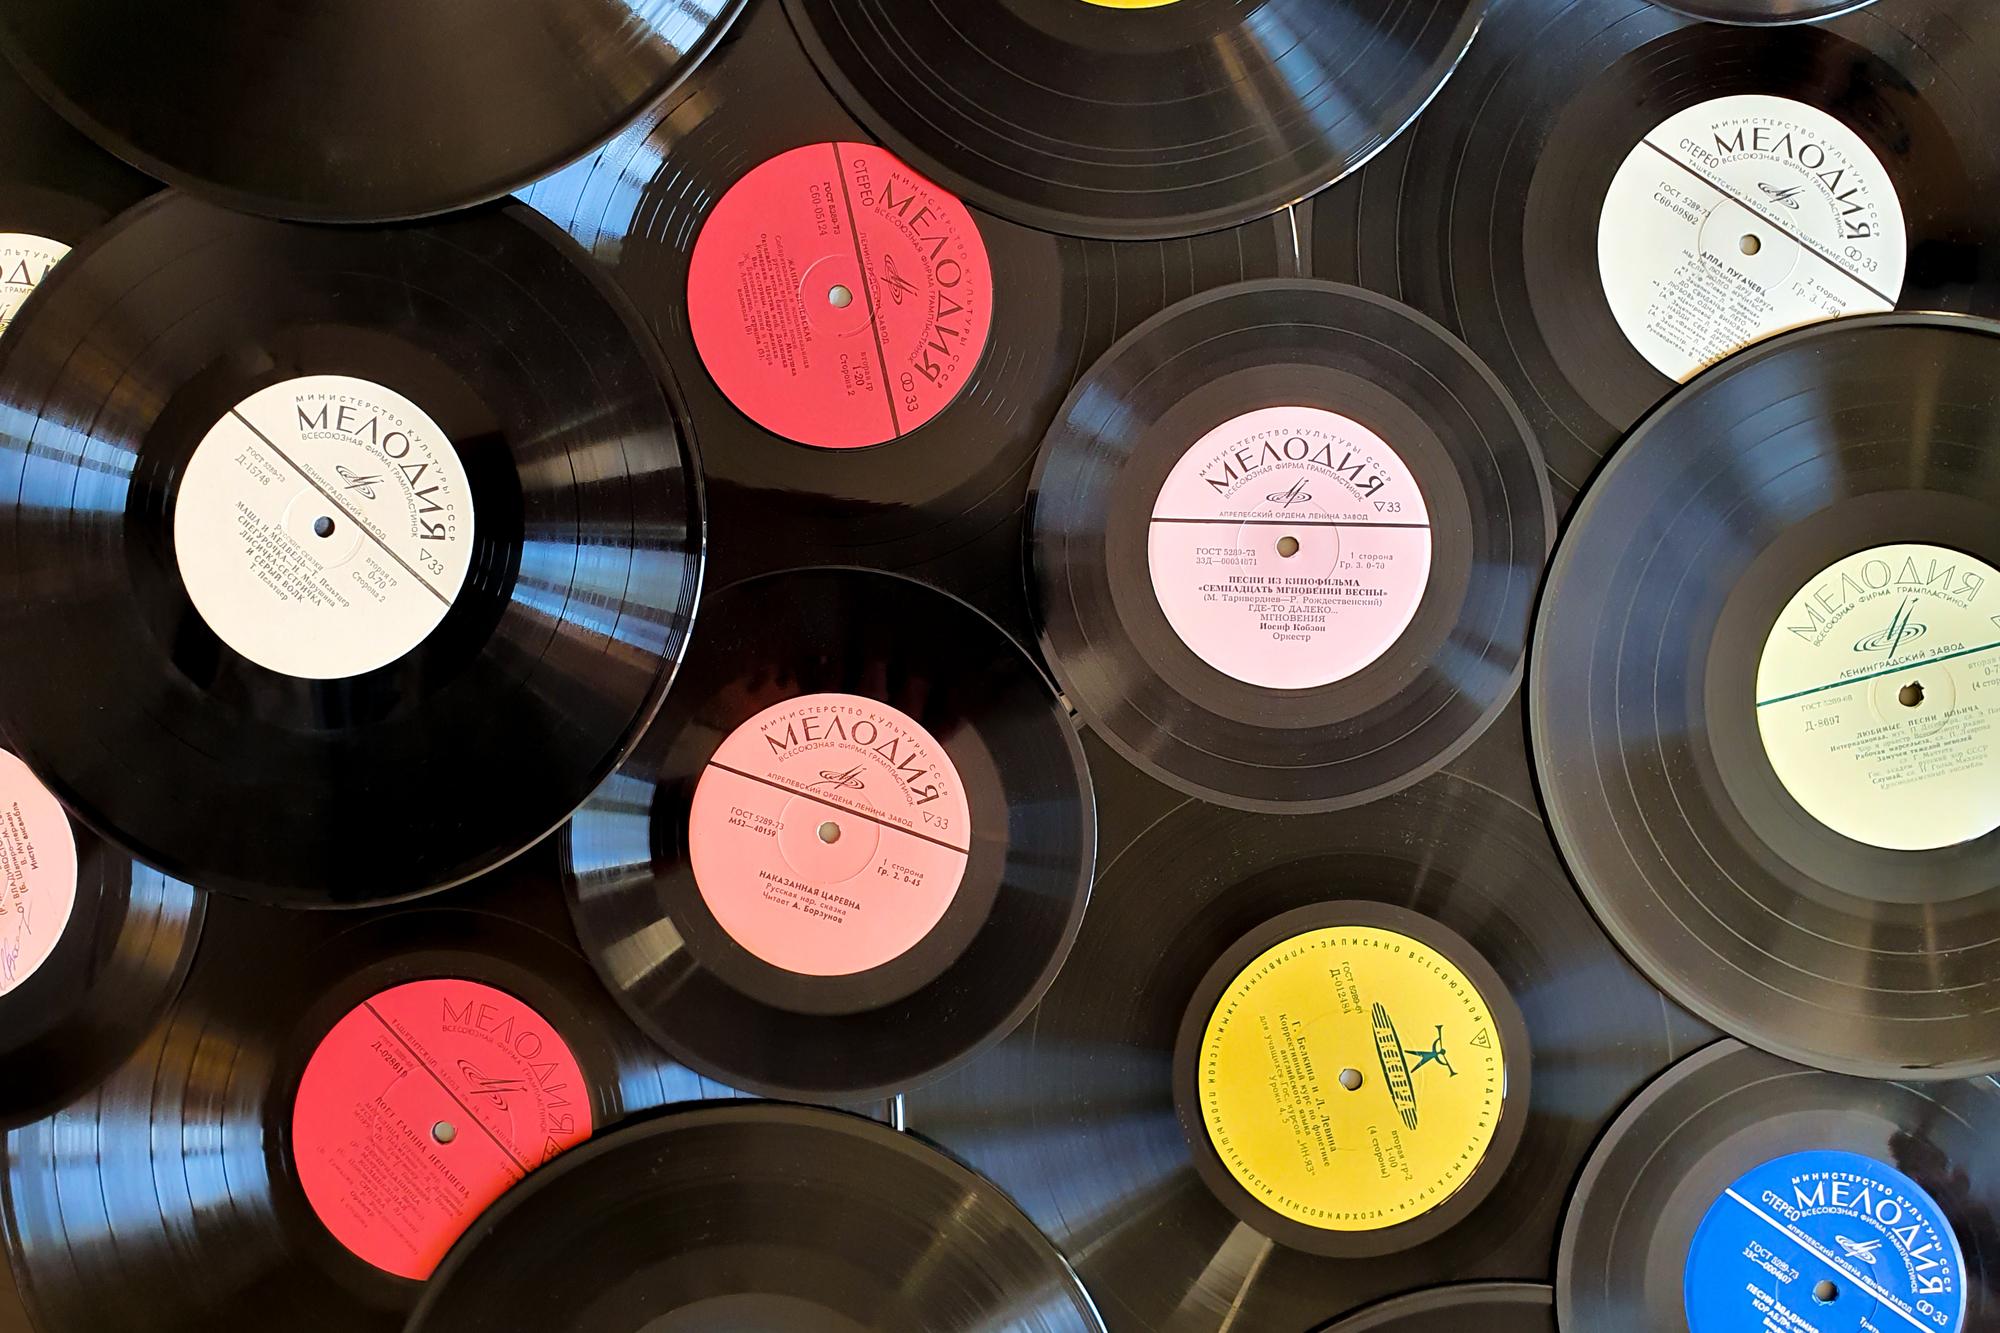 多数のドーナツ盤レコード